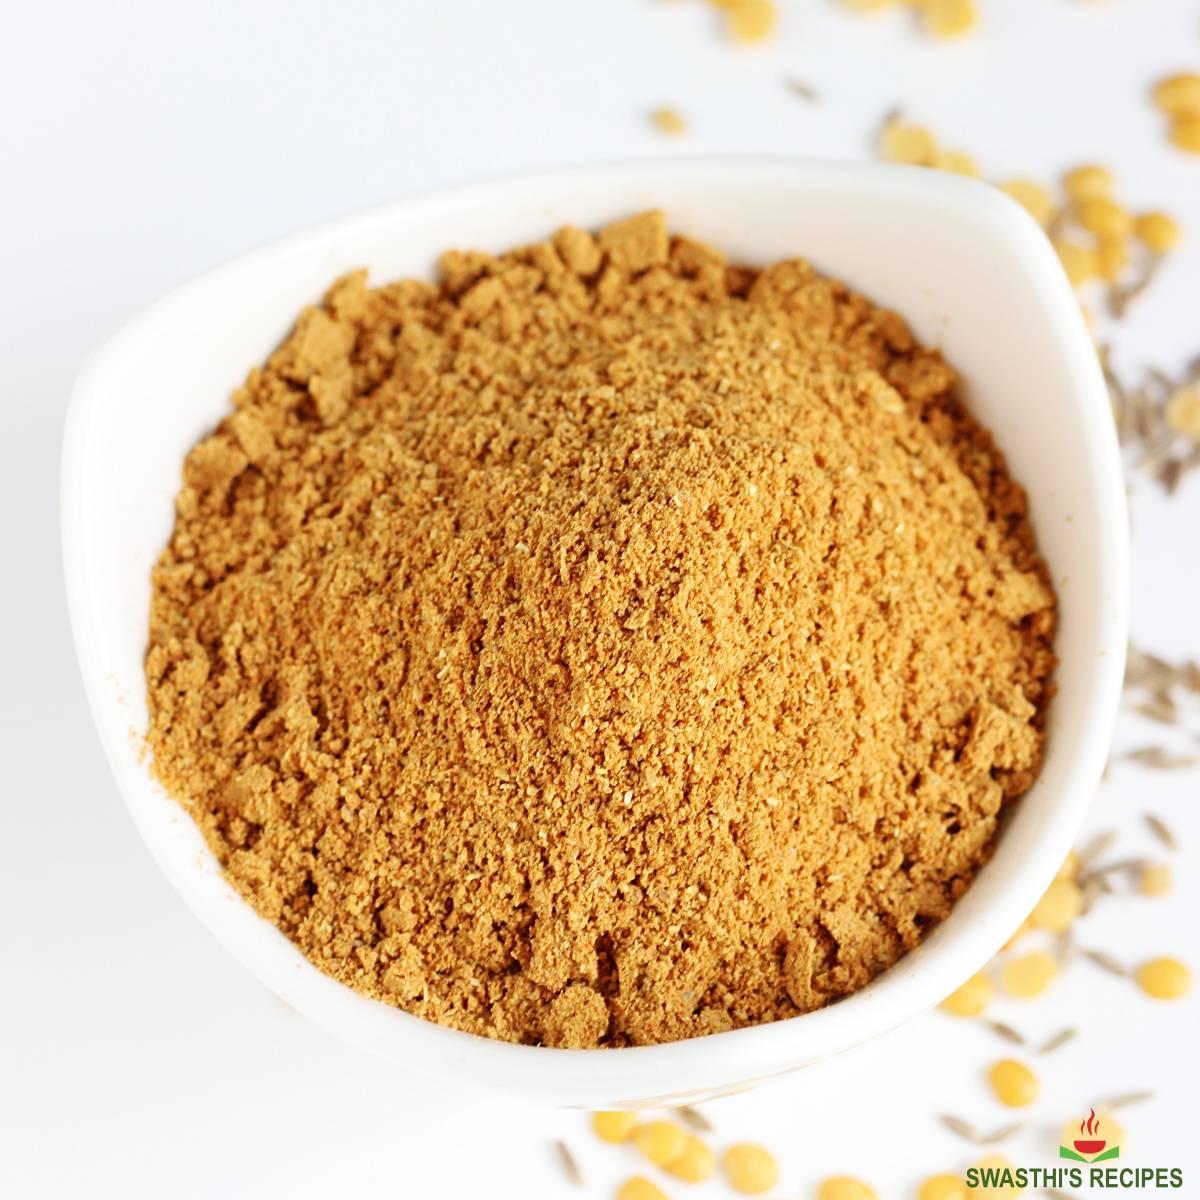 rasam powder in a bowl